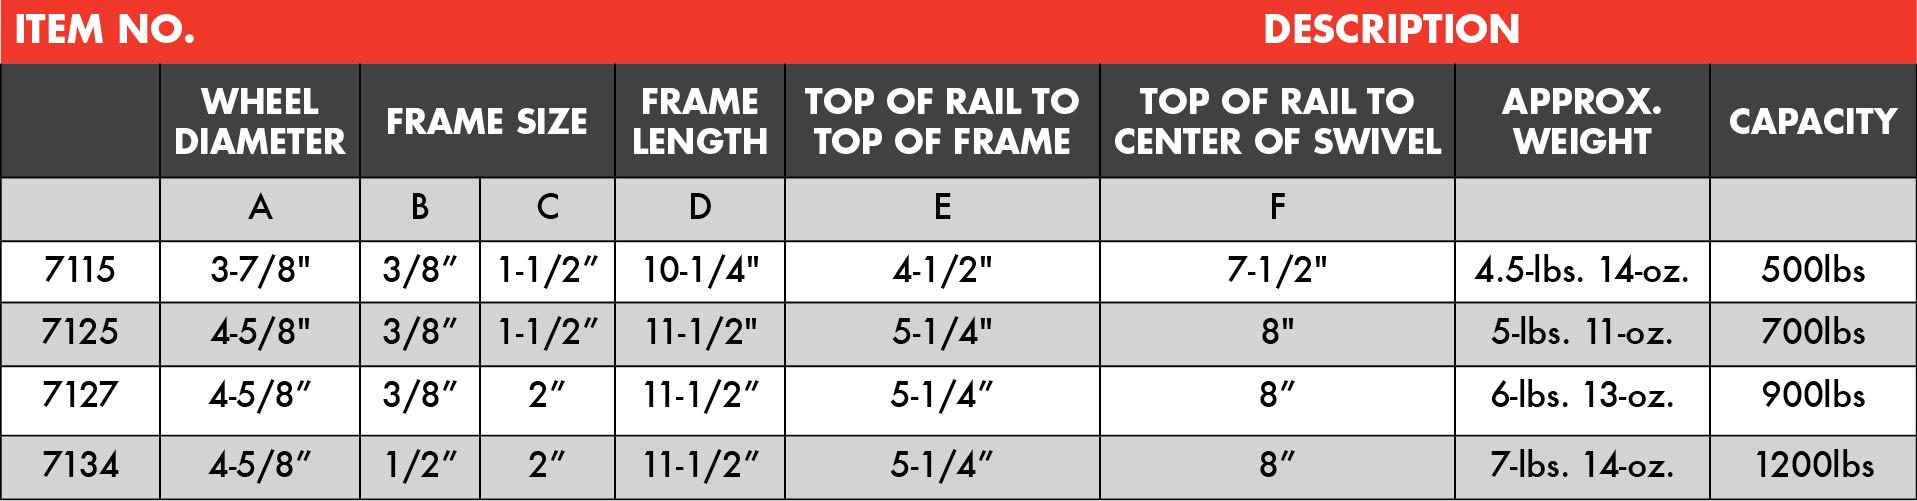 Stainless Steel Single Trolleys Specifics